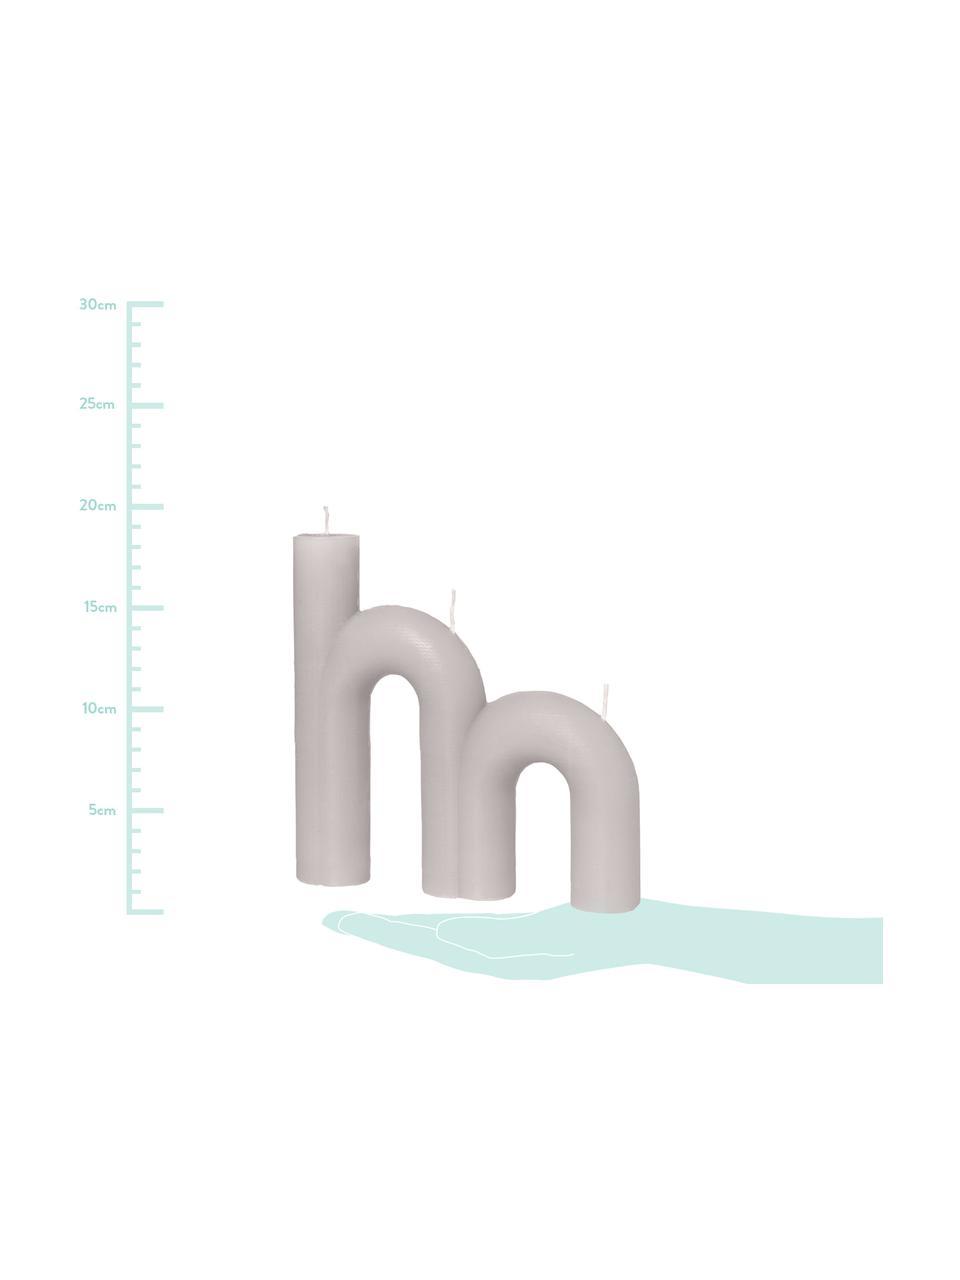 Dreidochtkerze Bend, Wachs, Grau, 21 x 20 cm